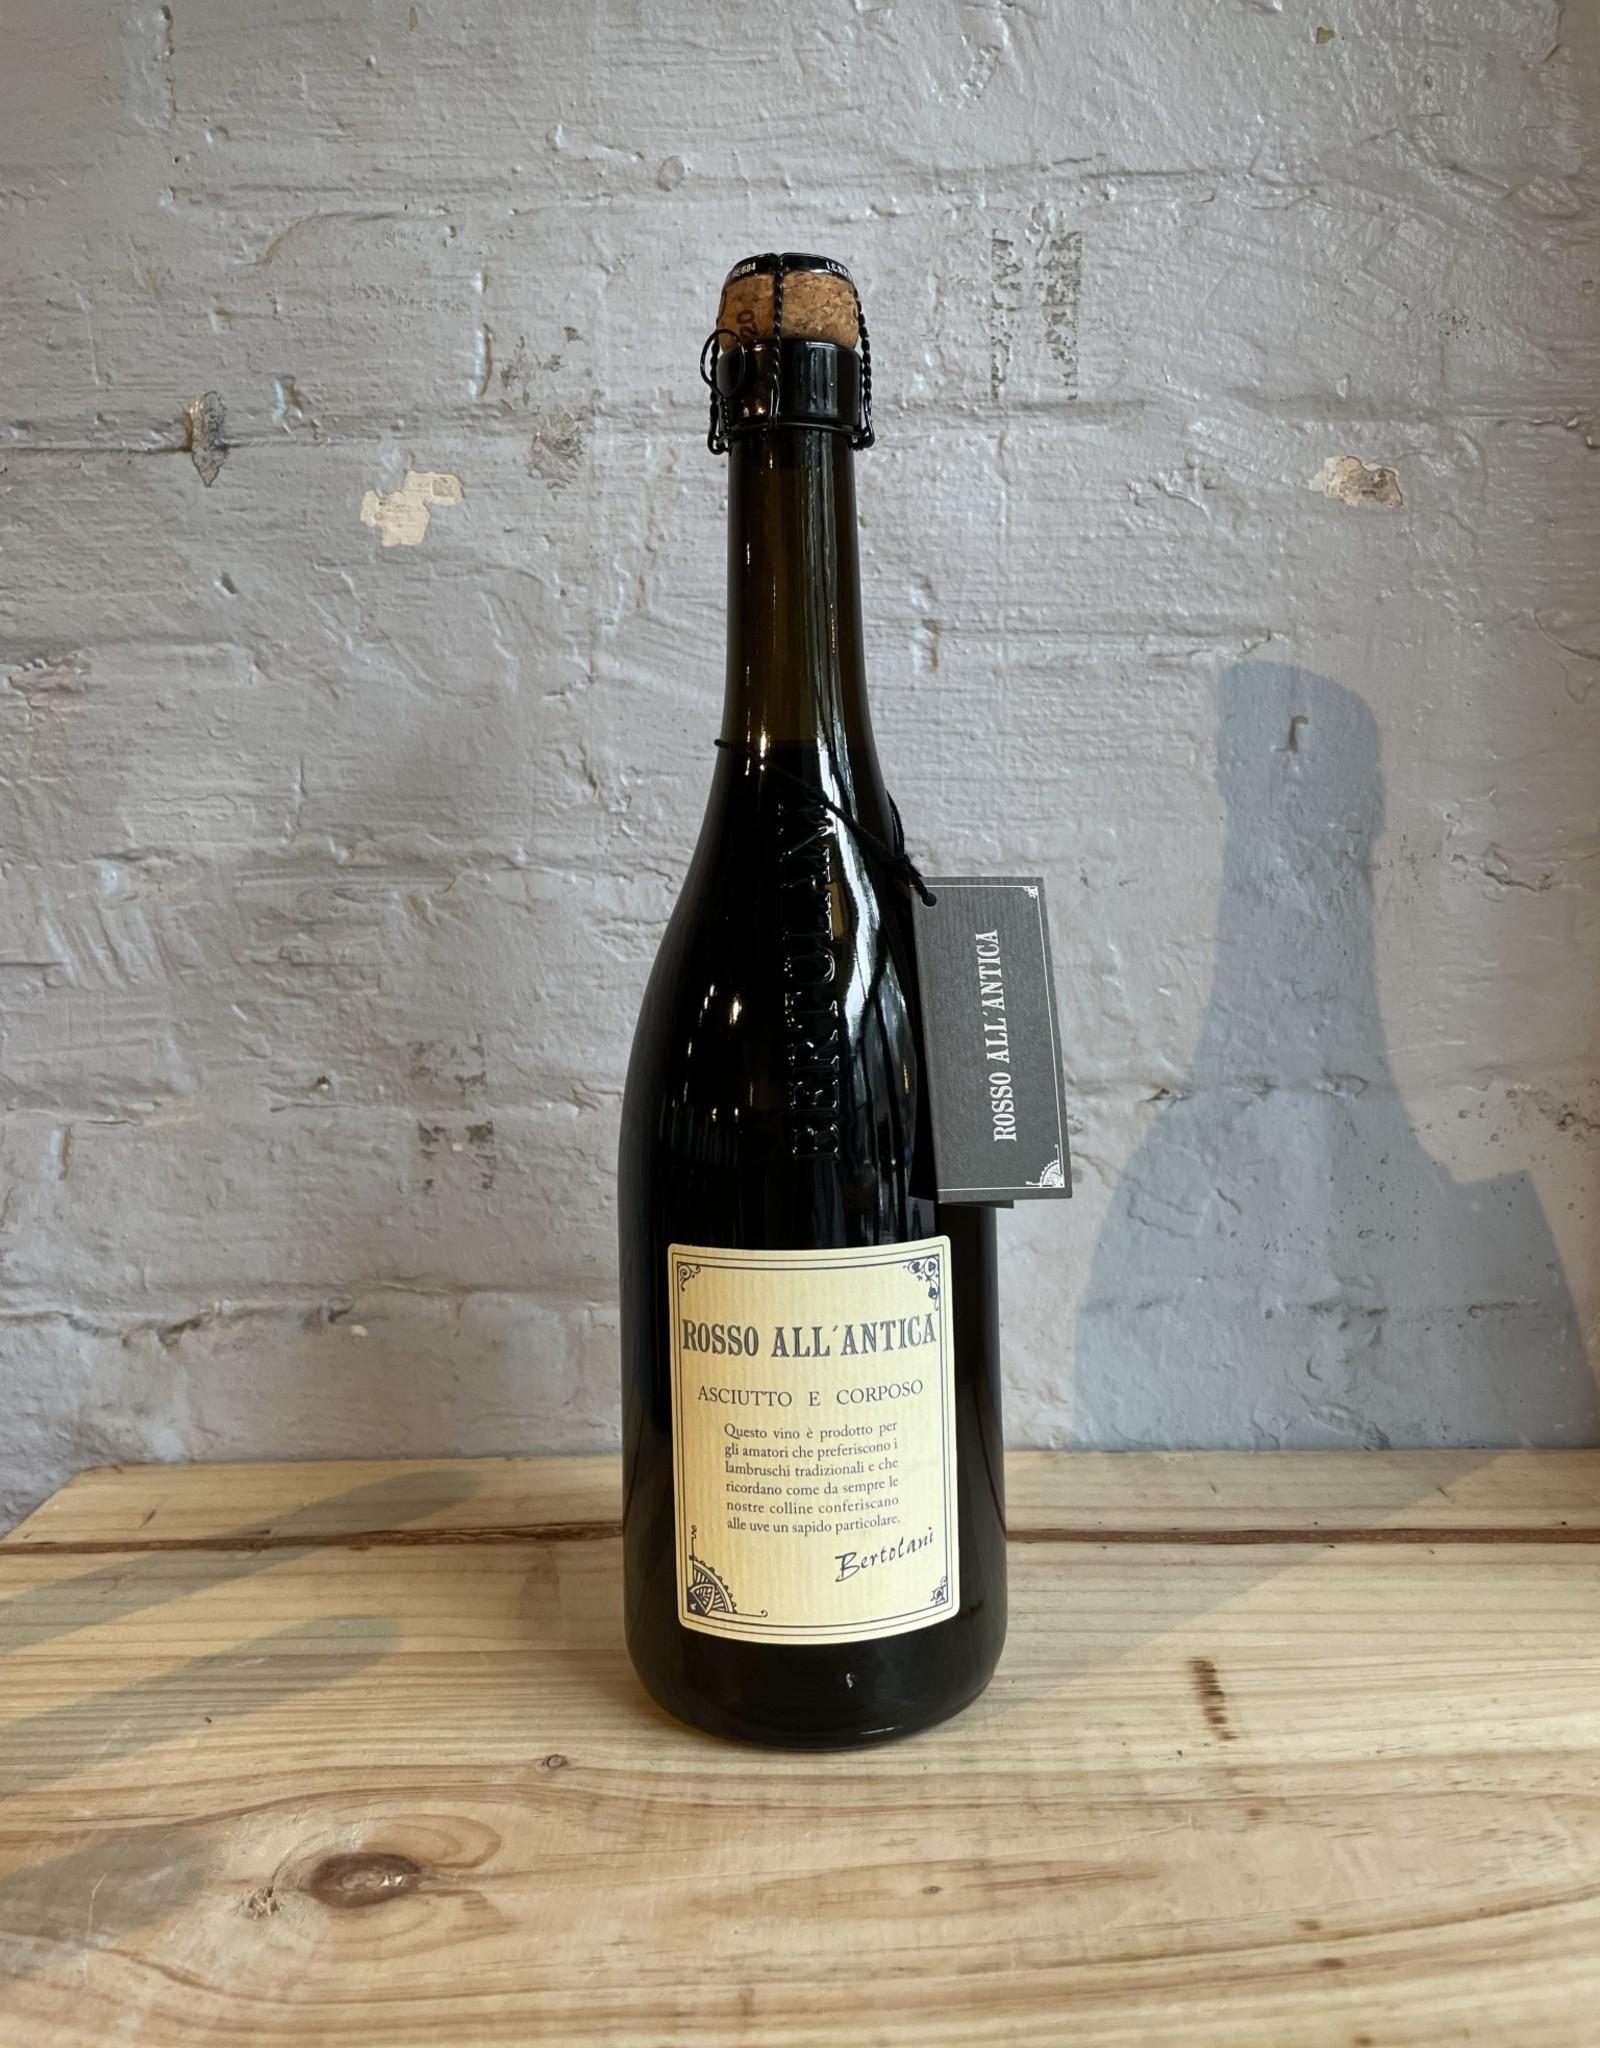 Wine NV Alfredo Bertolani, Lambrusco Rosso all'Antica - Vento, Italy (750ml)